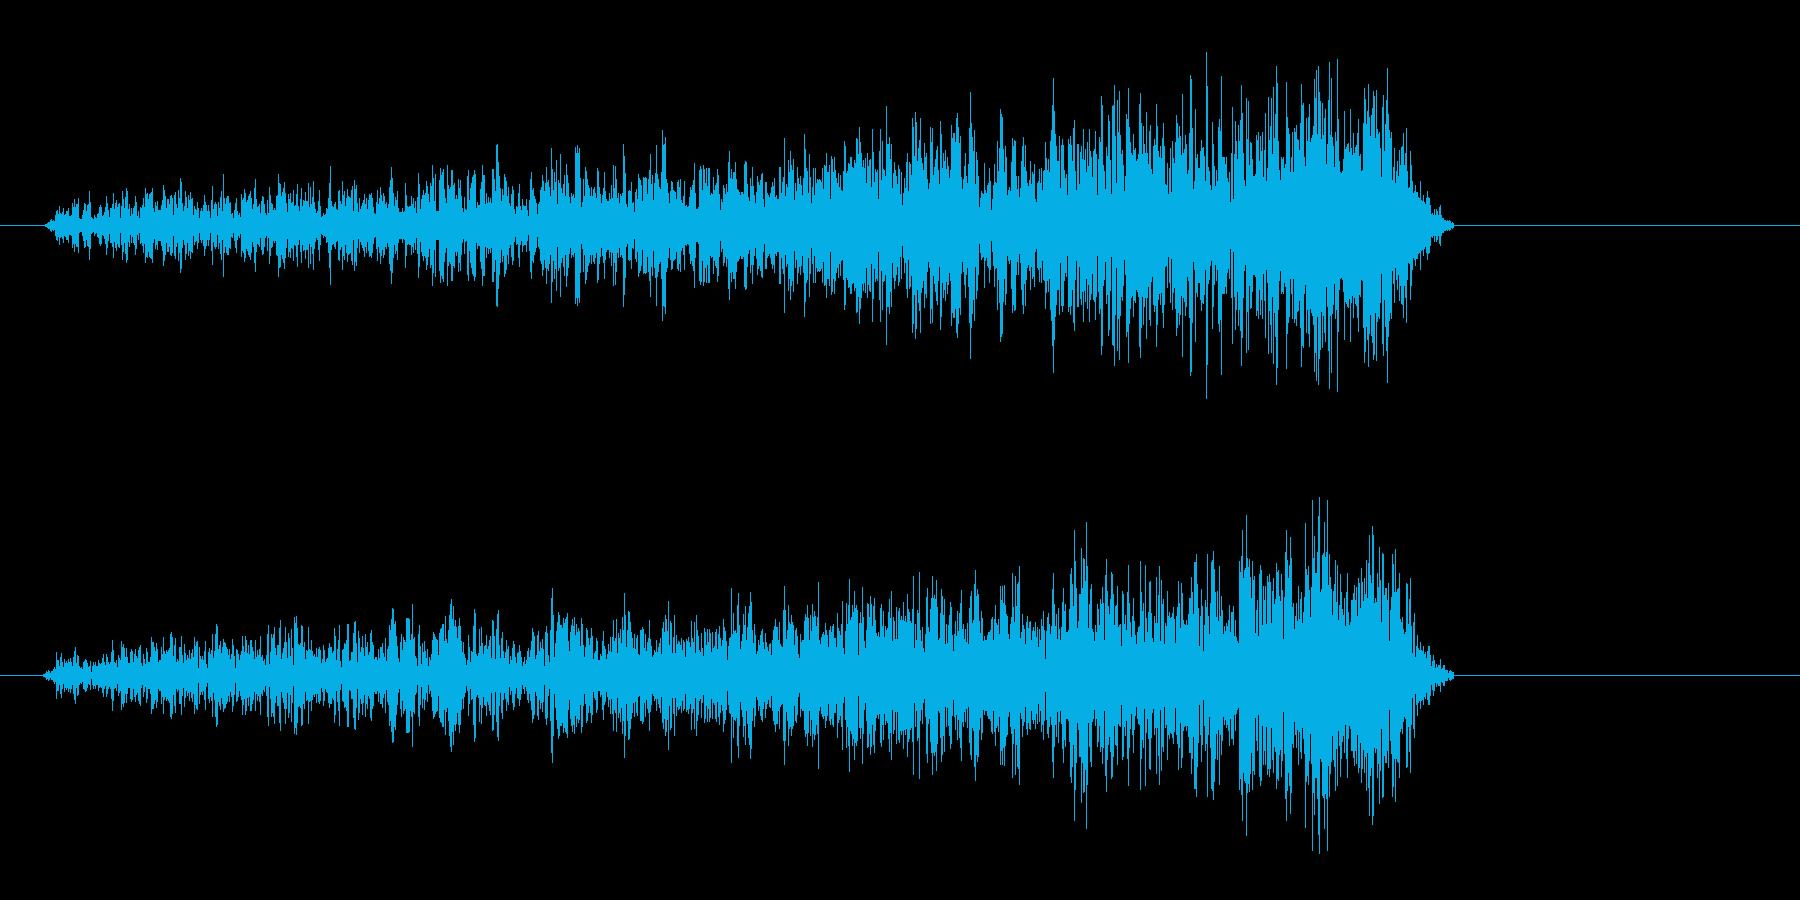 シューイッ(決定音、紙の摩擦音)の再生済みの波形